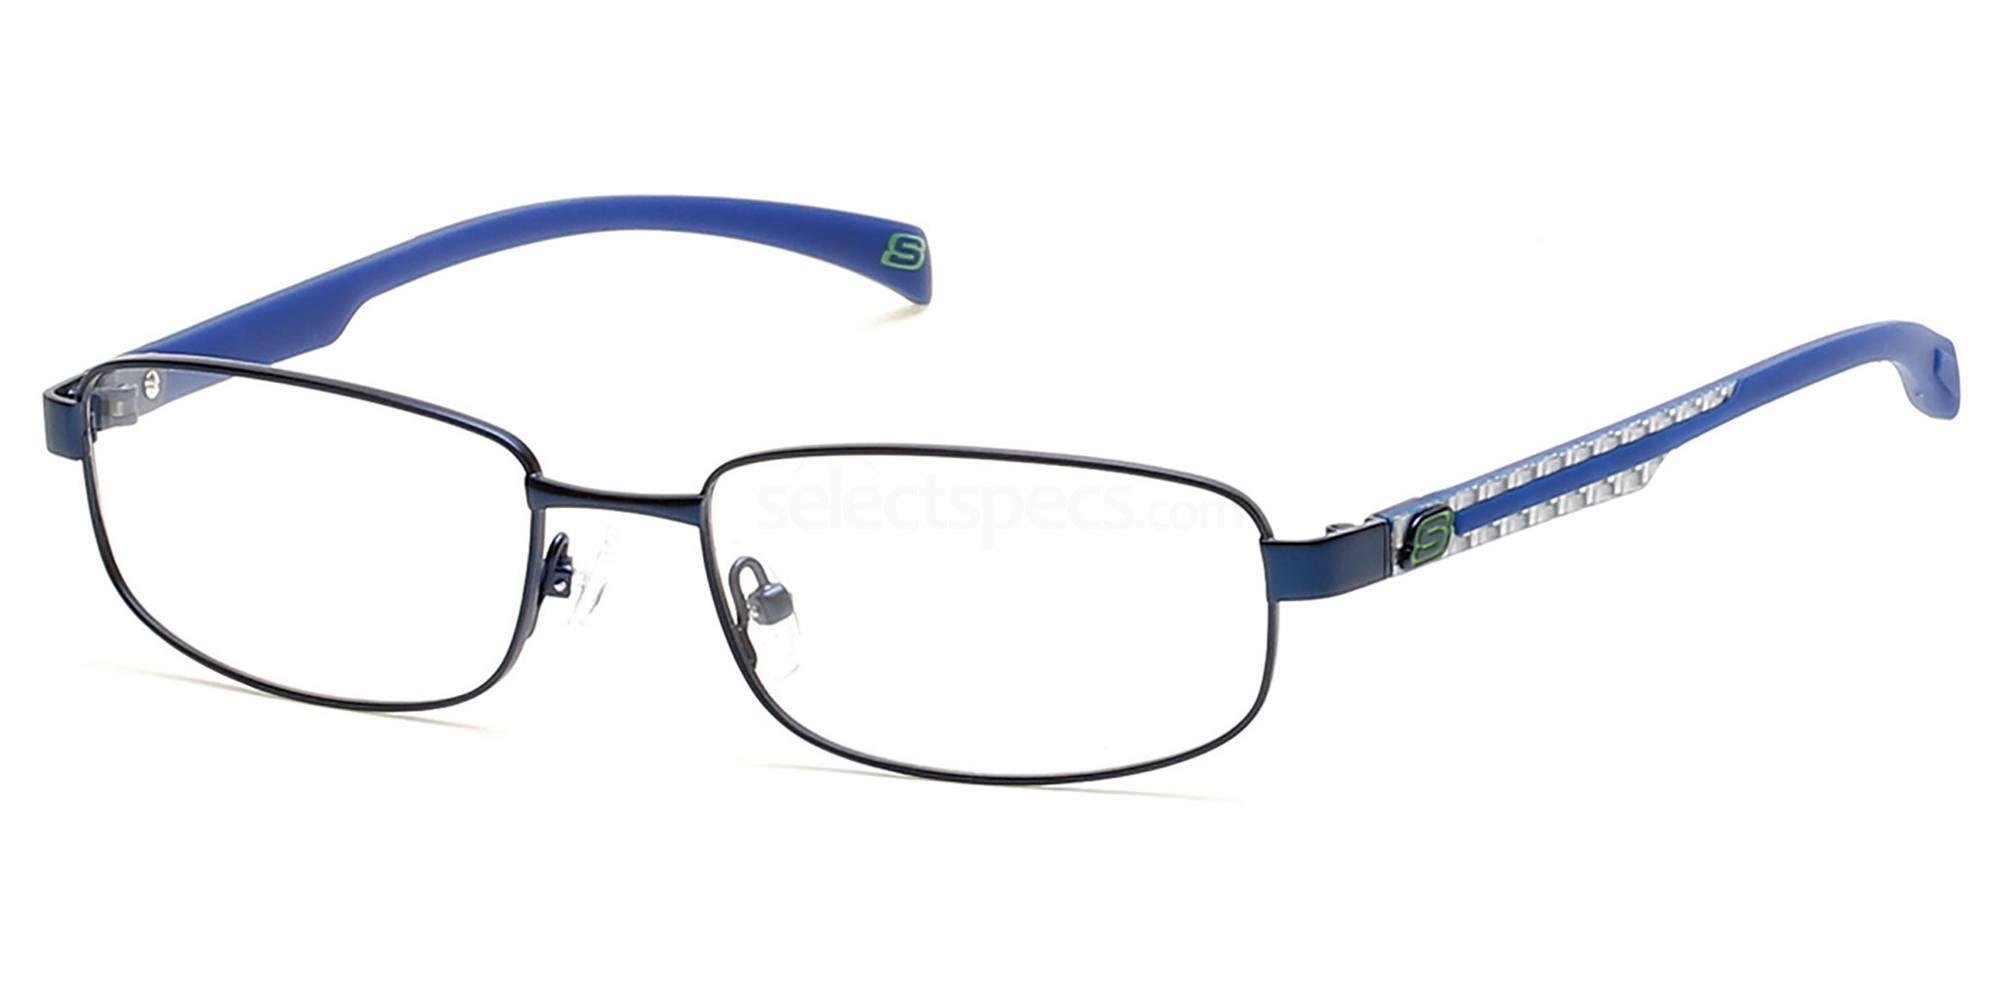 091 SE3181 Glasses, Skechers